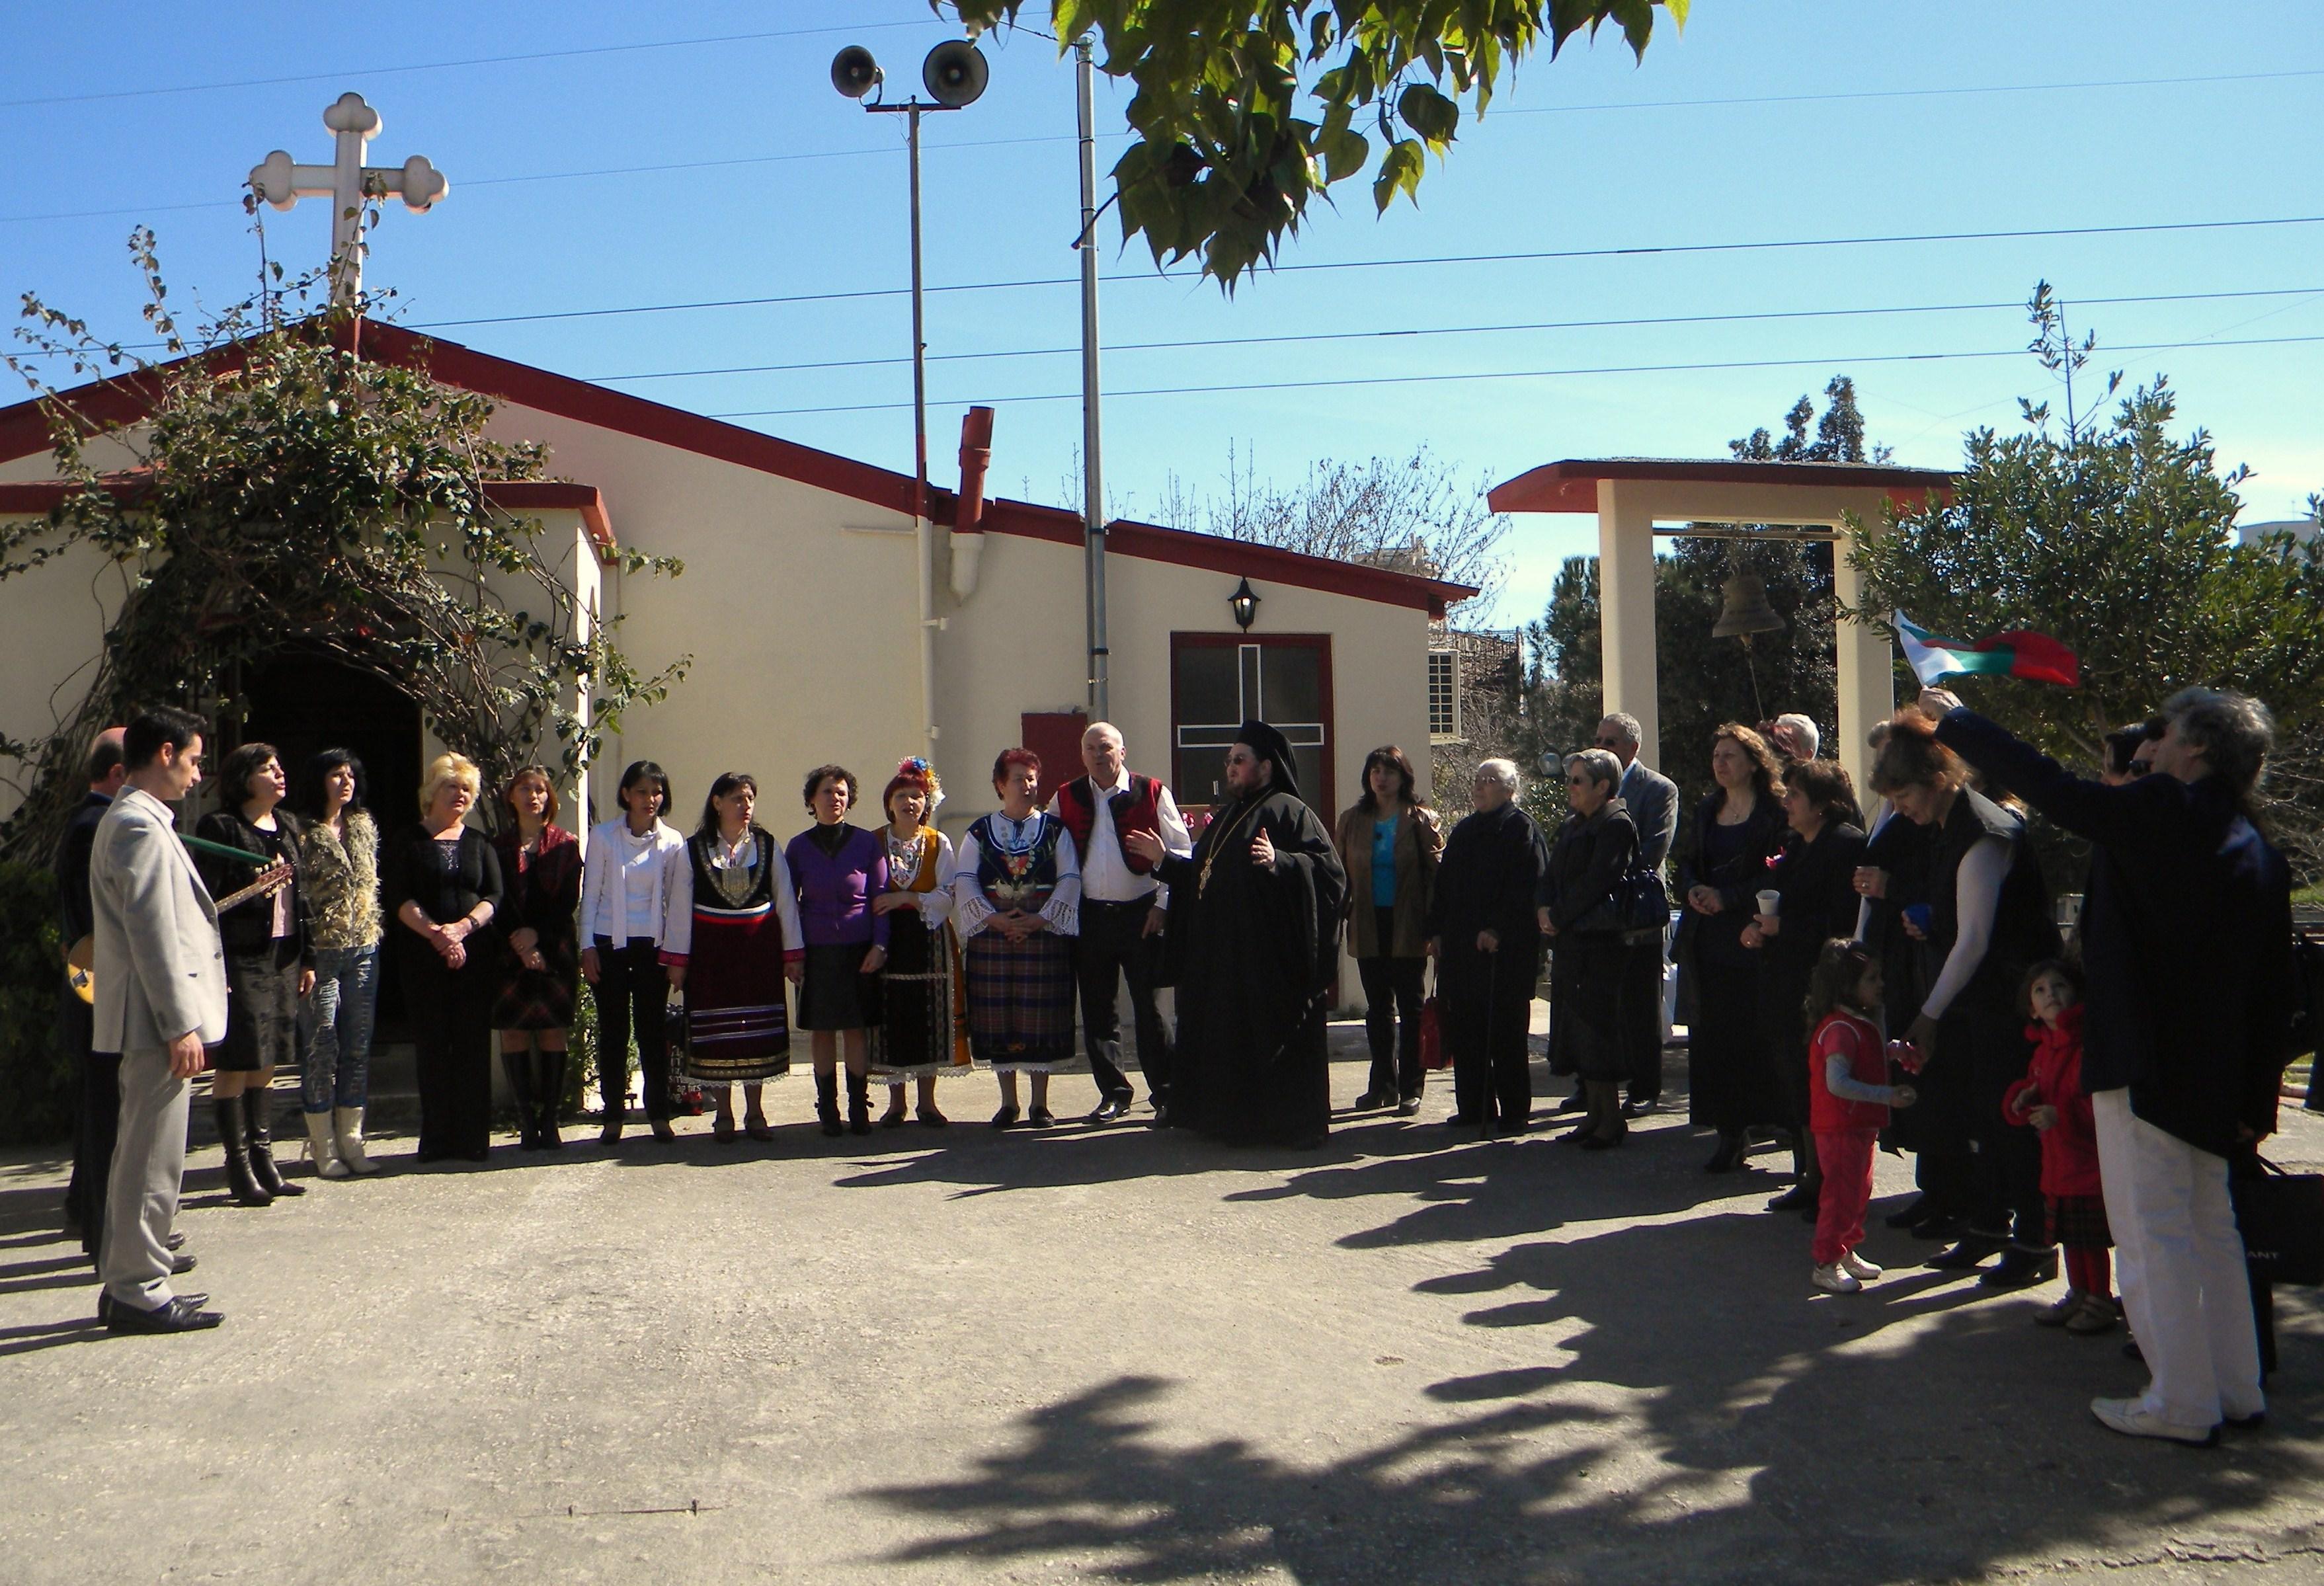 dscn3750 Всемирното Православие - Близък изток